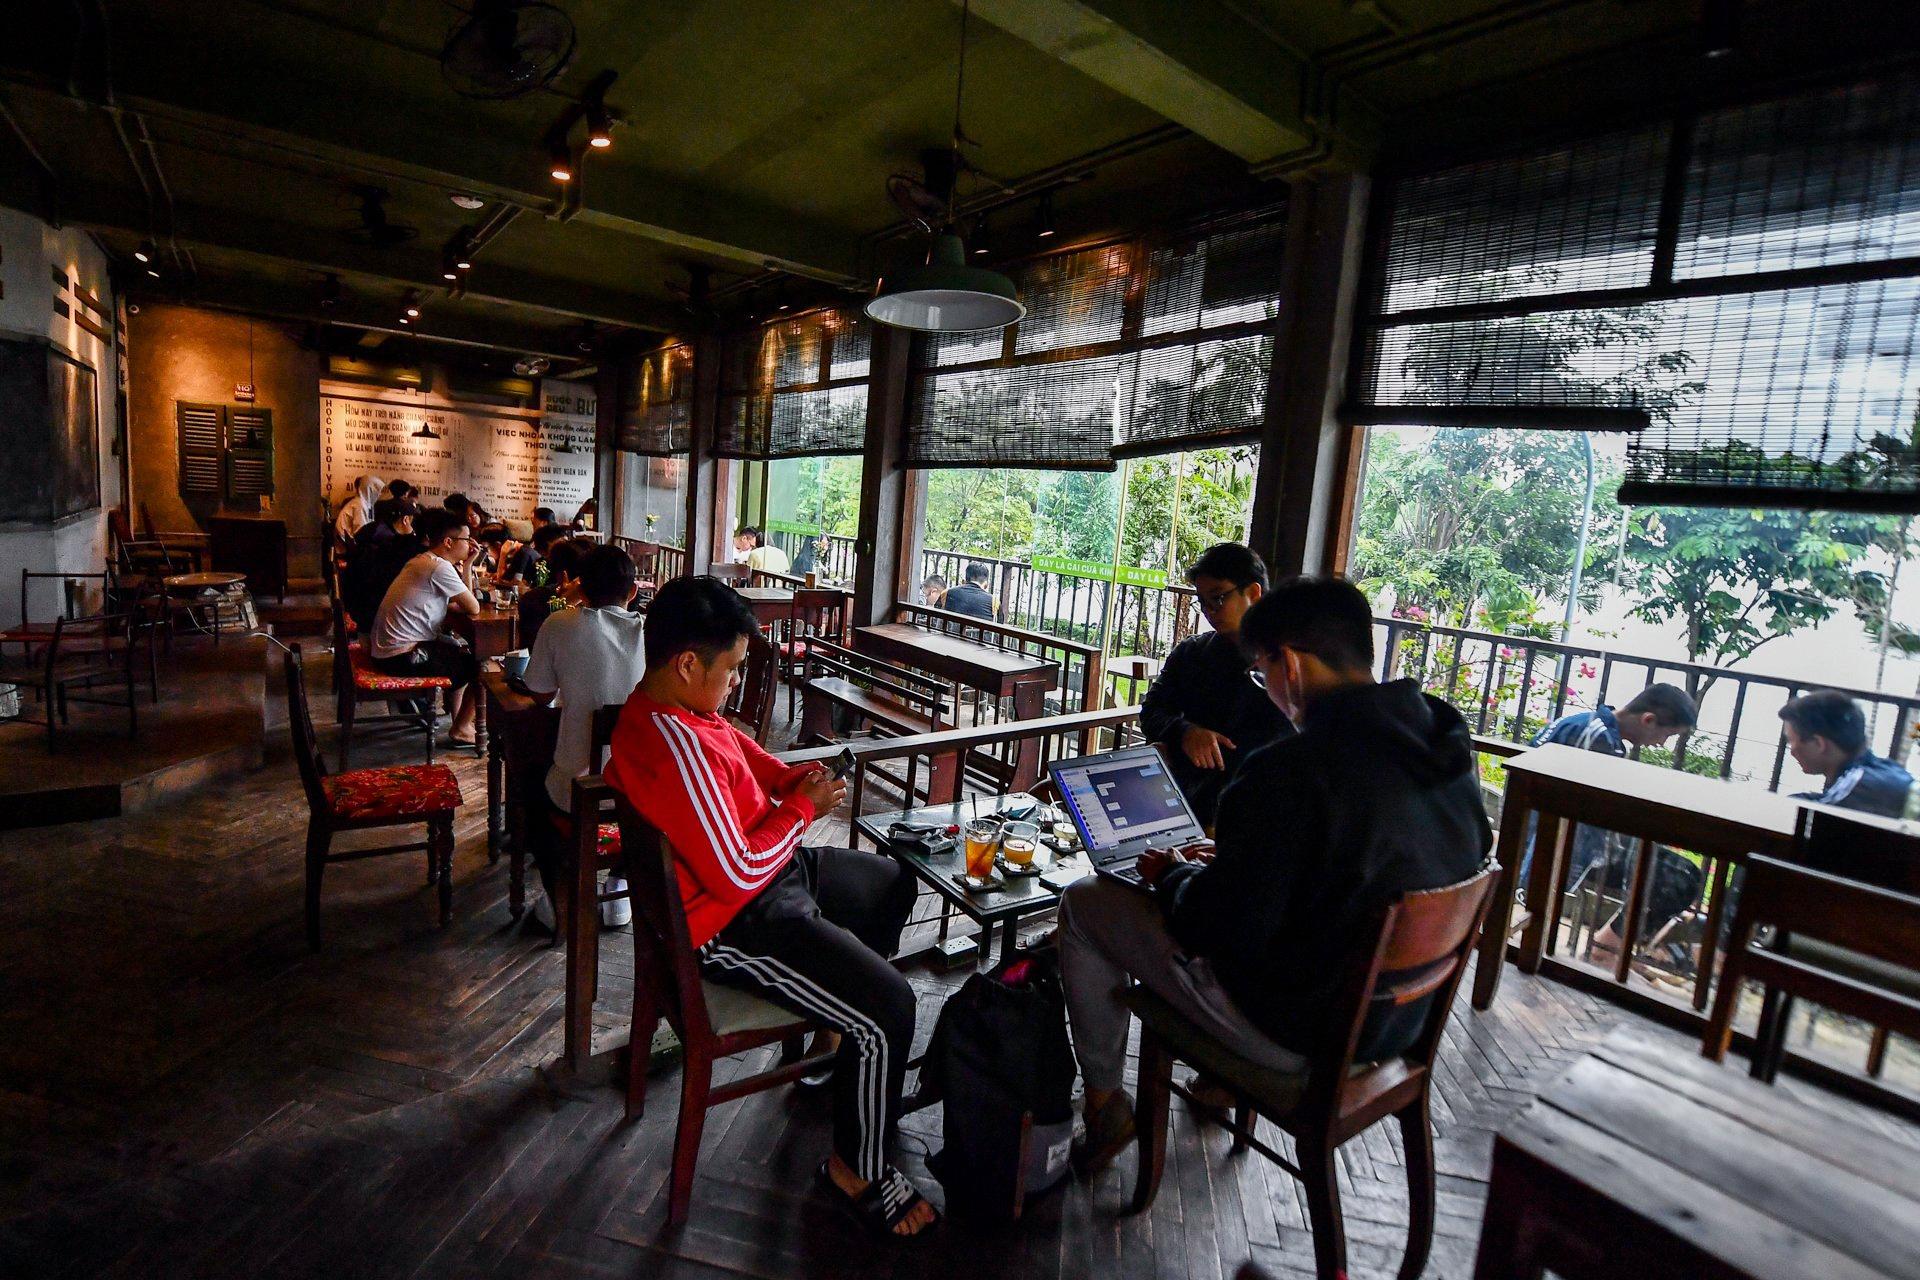 Quán cà phê ở Hà Nội đông nghịt khách ngày mở bán tại chỗ - Ảnh 4.